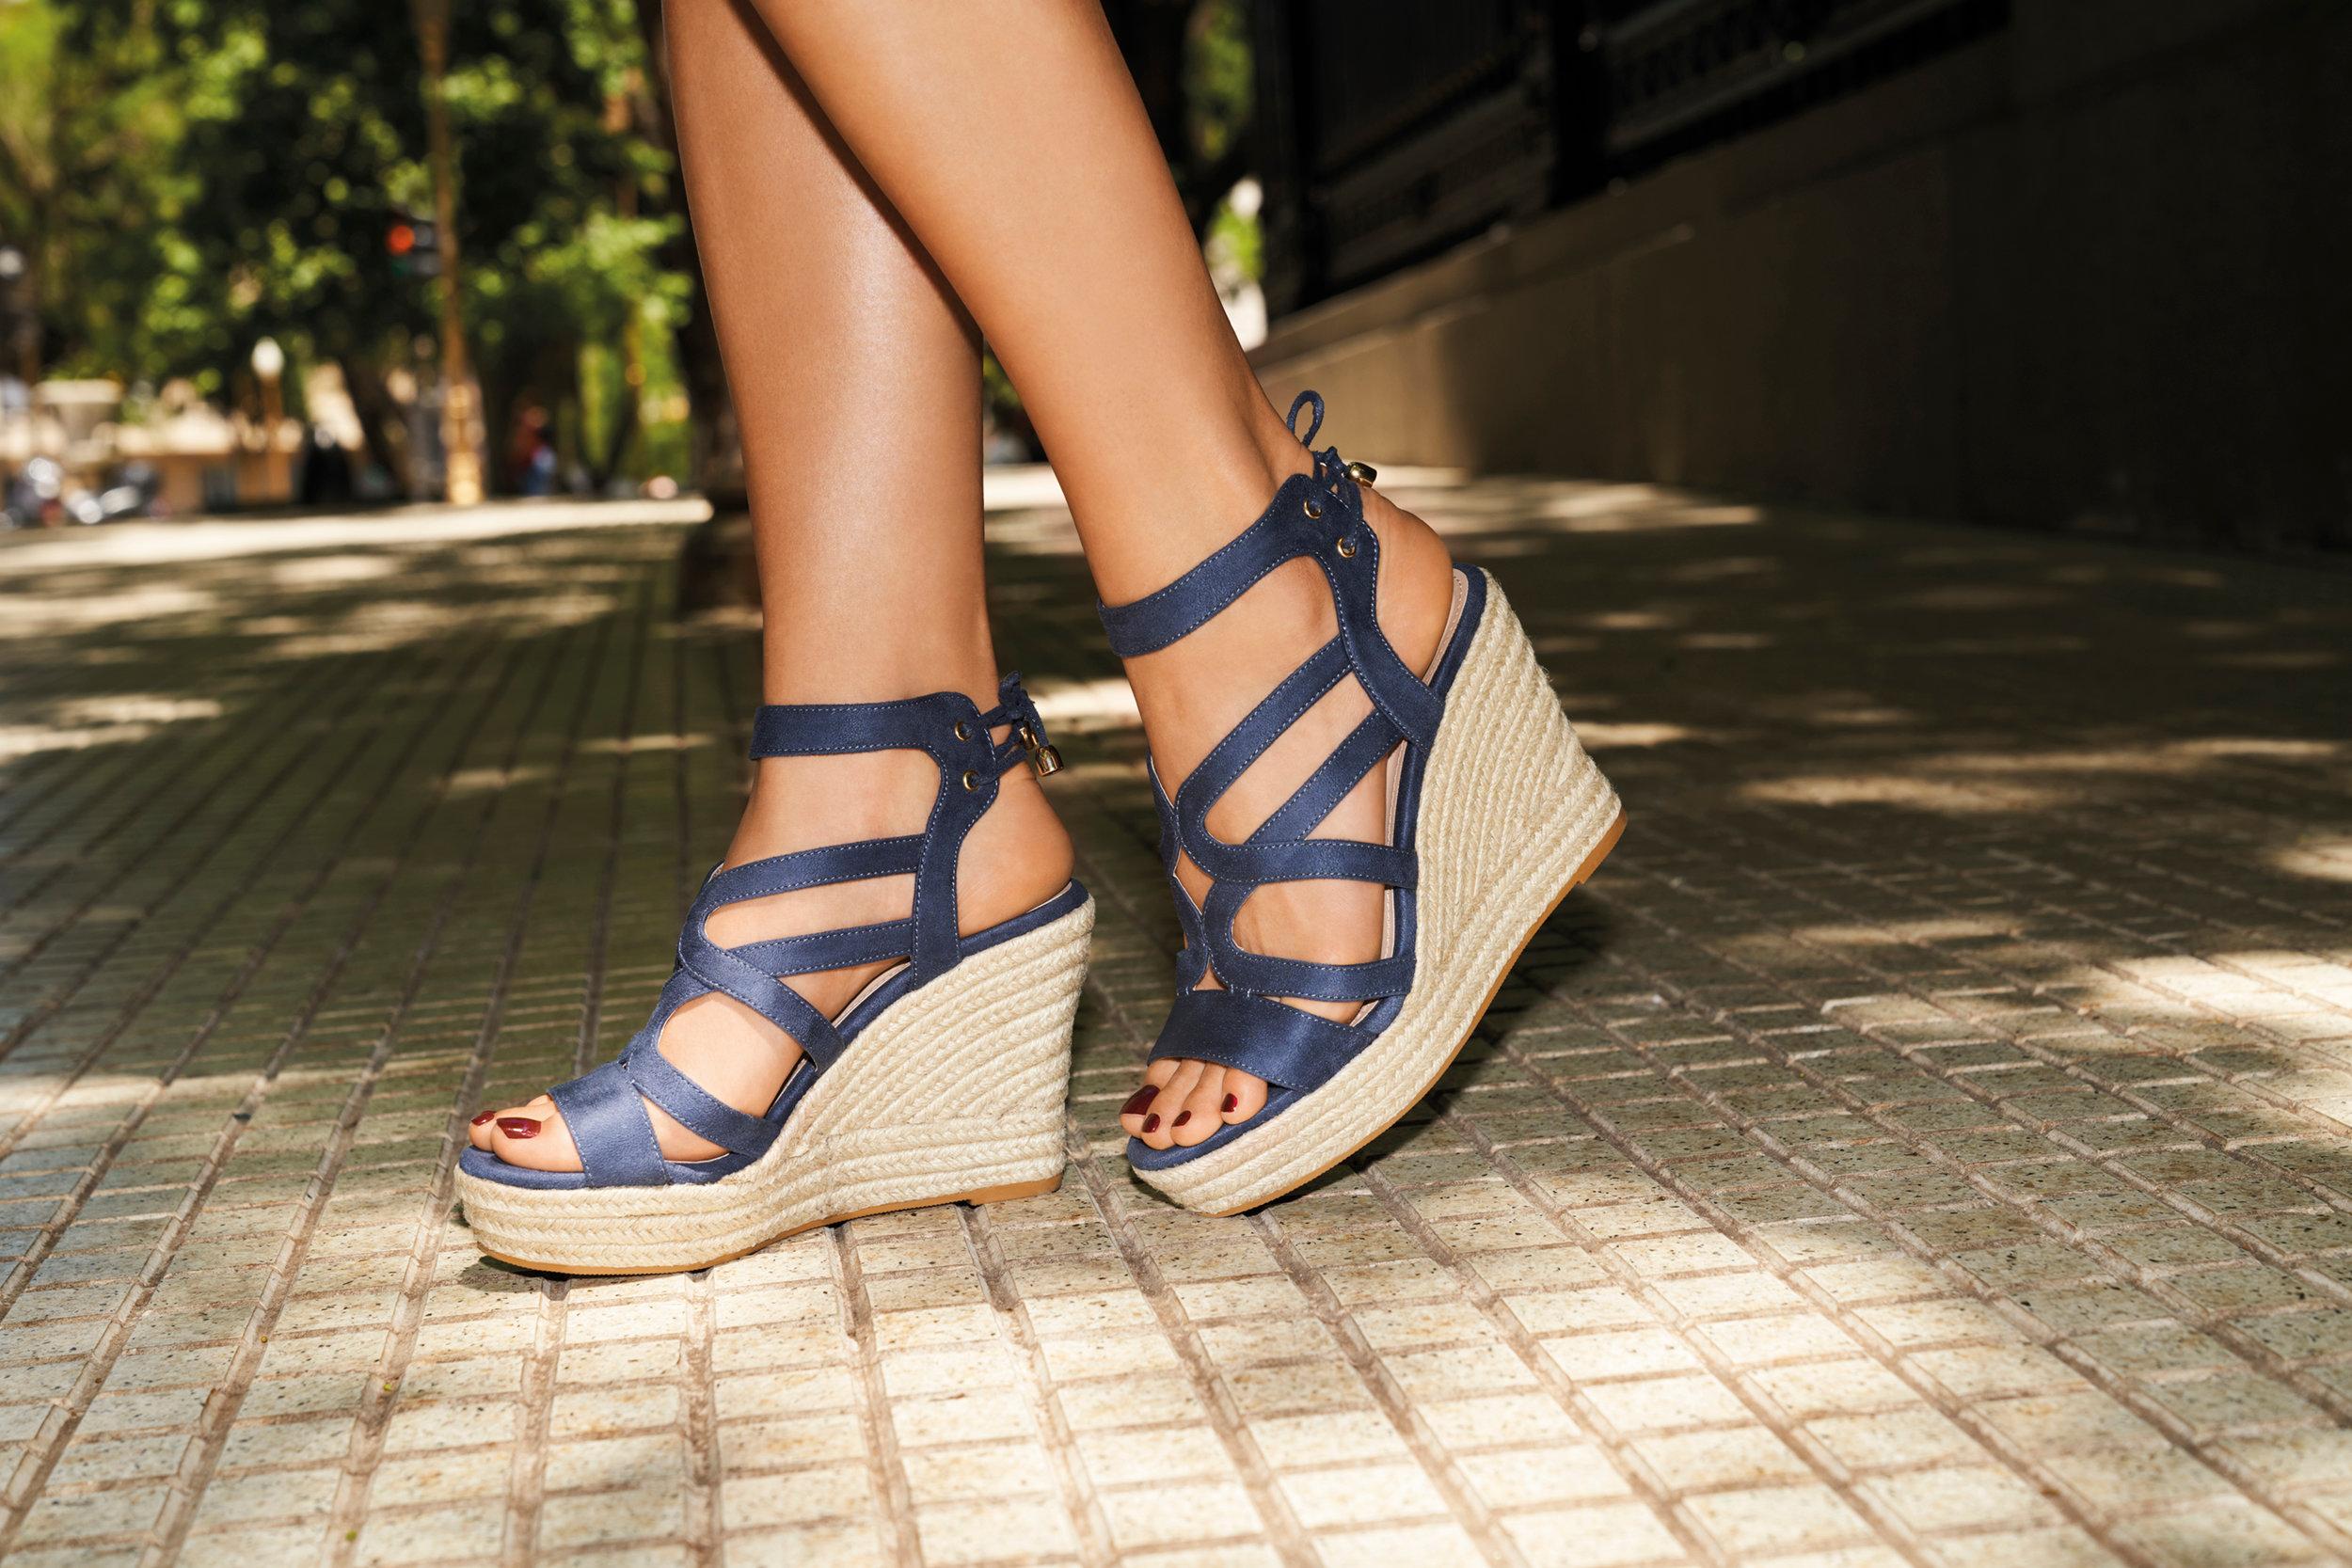 Buty damskie na koturnie firmy CCC Zdjęcie na imgED